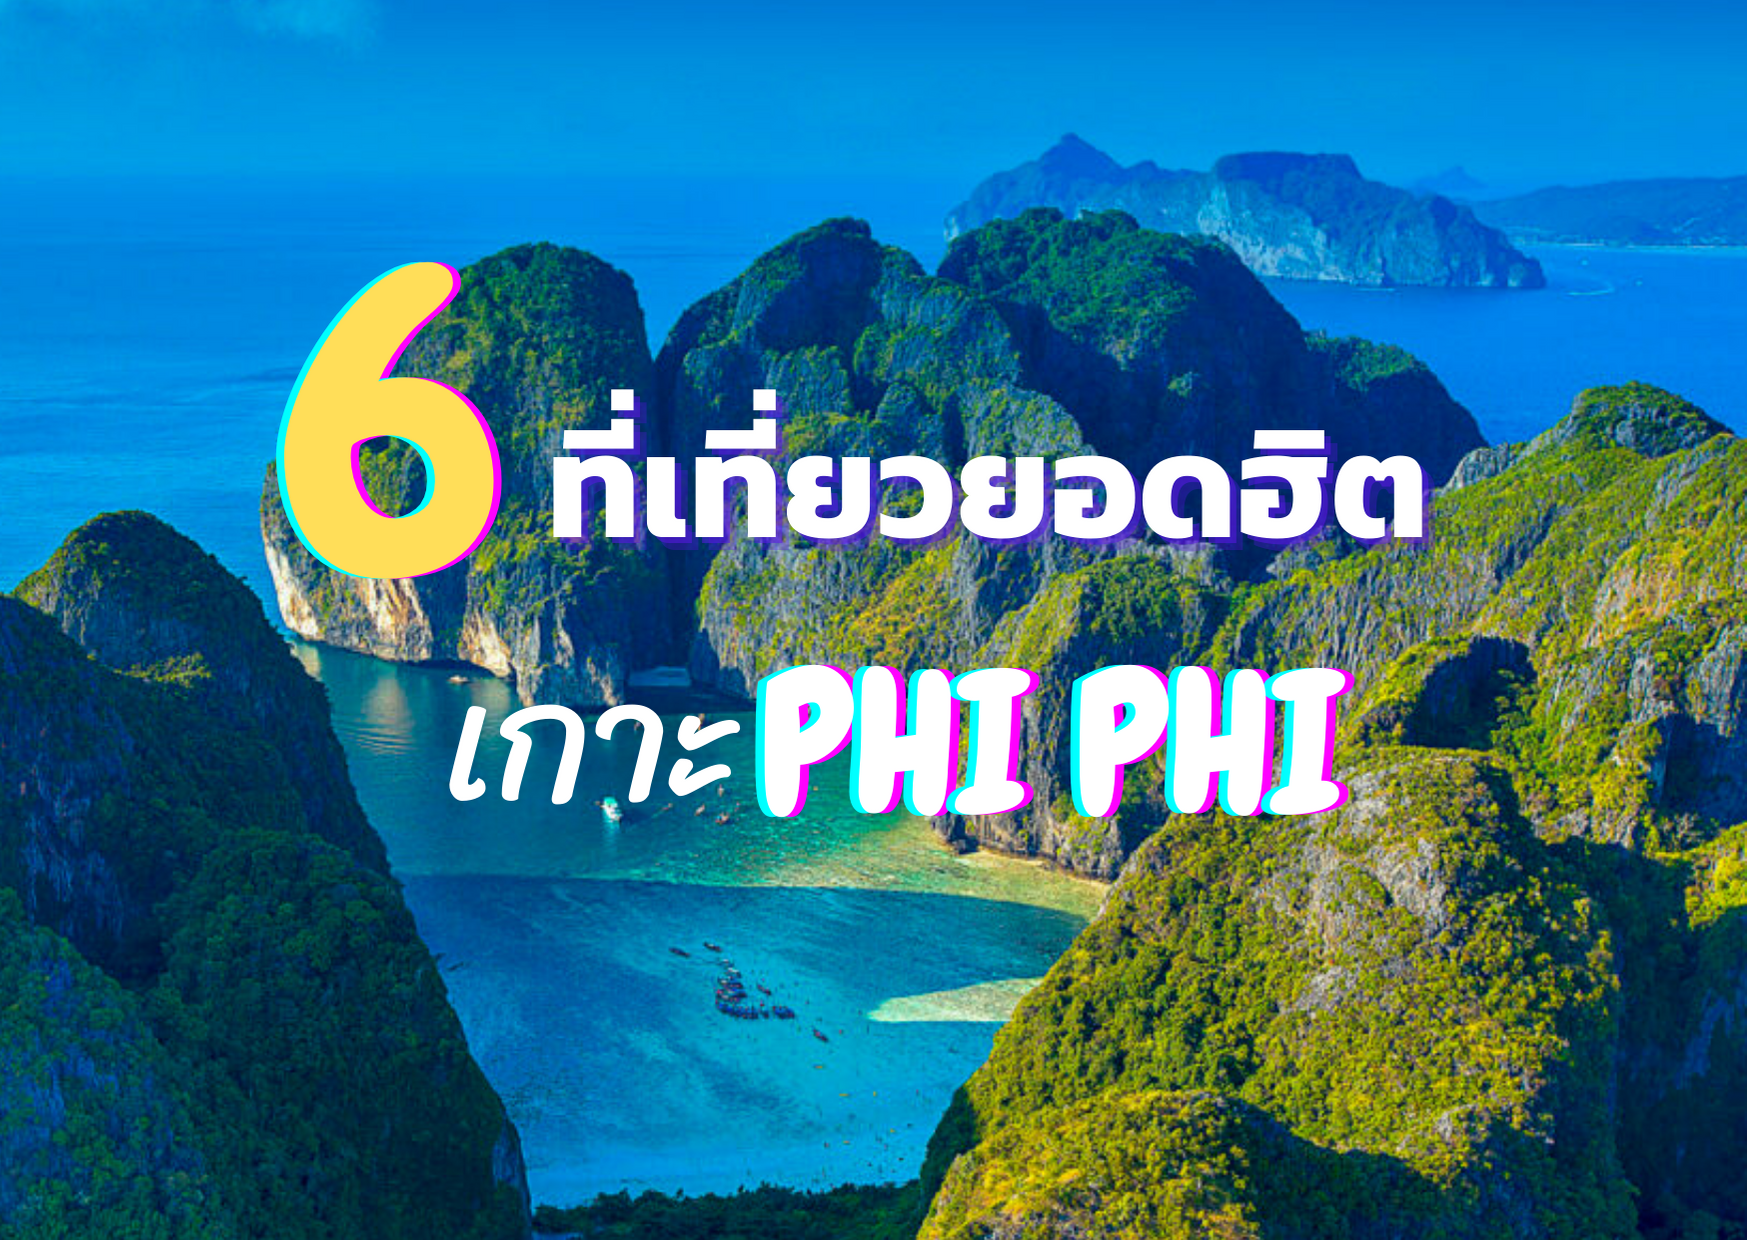 6 ที่เที่ยวยอดฮิตเกาะพีพี